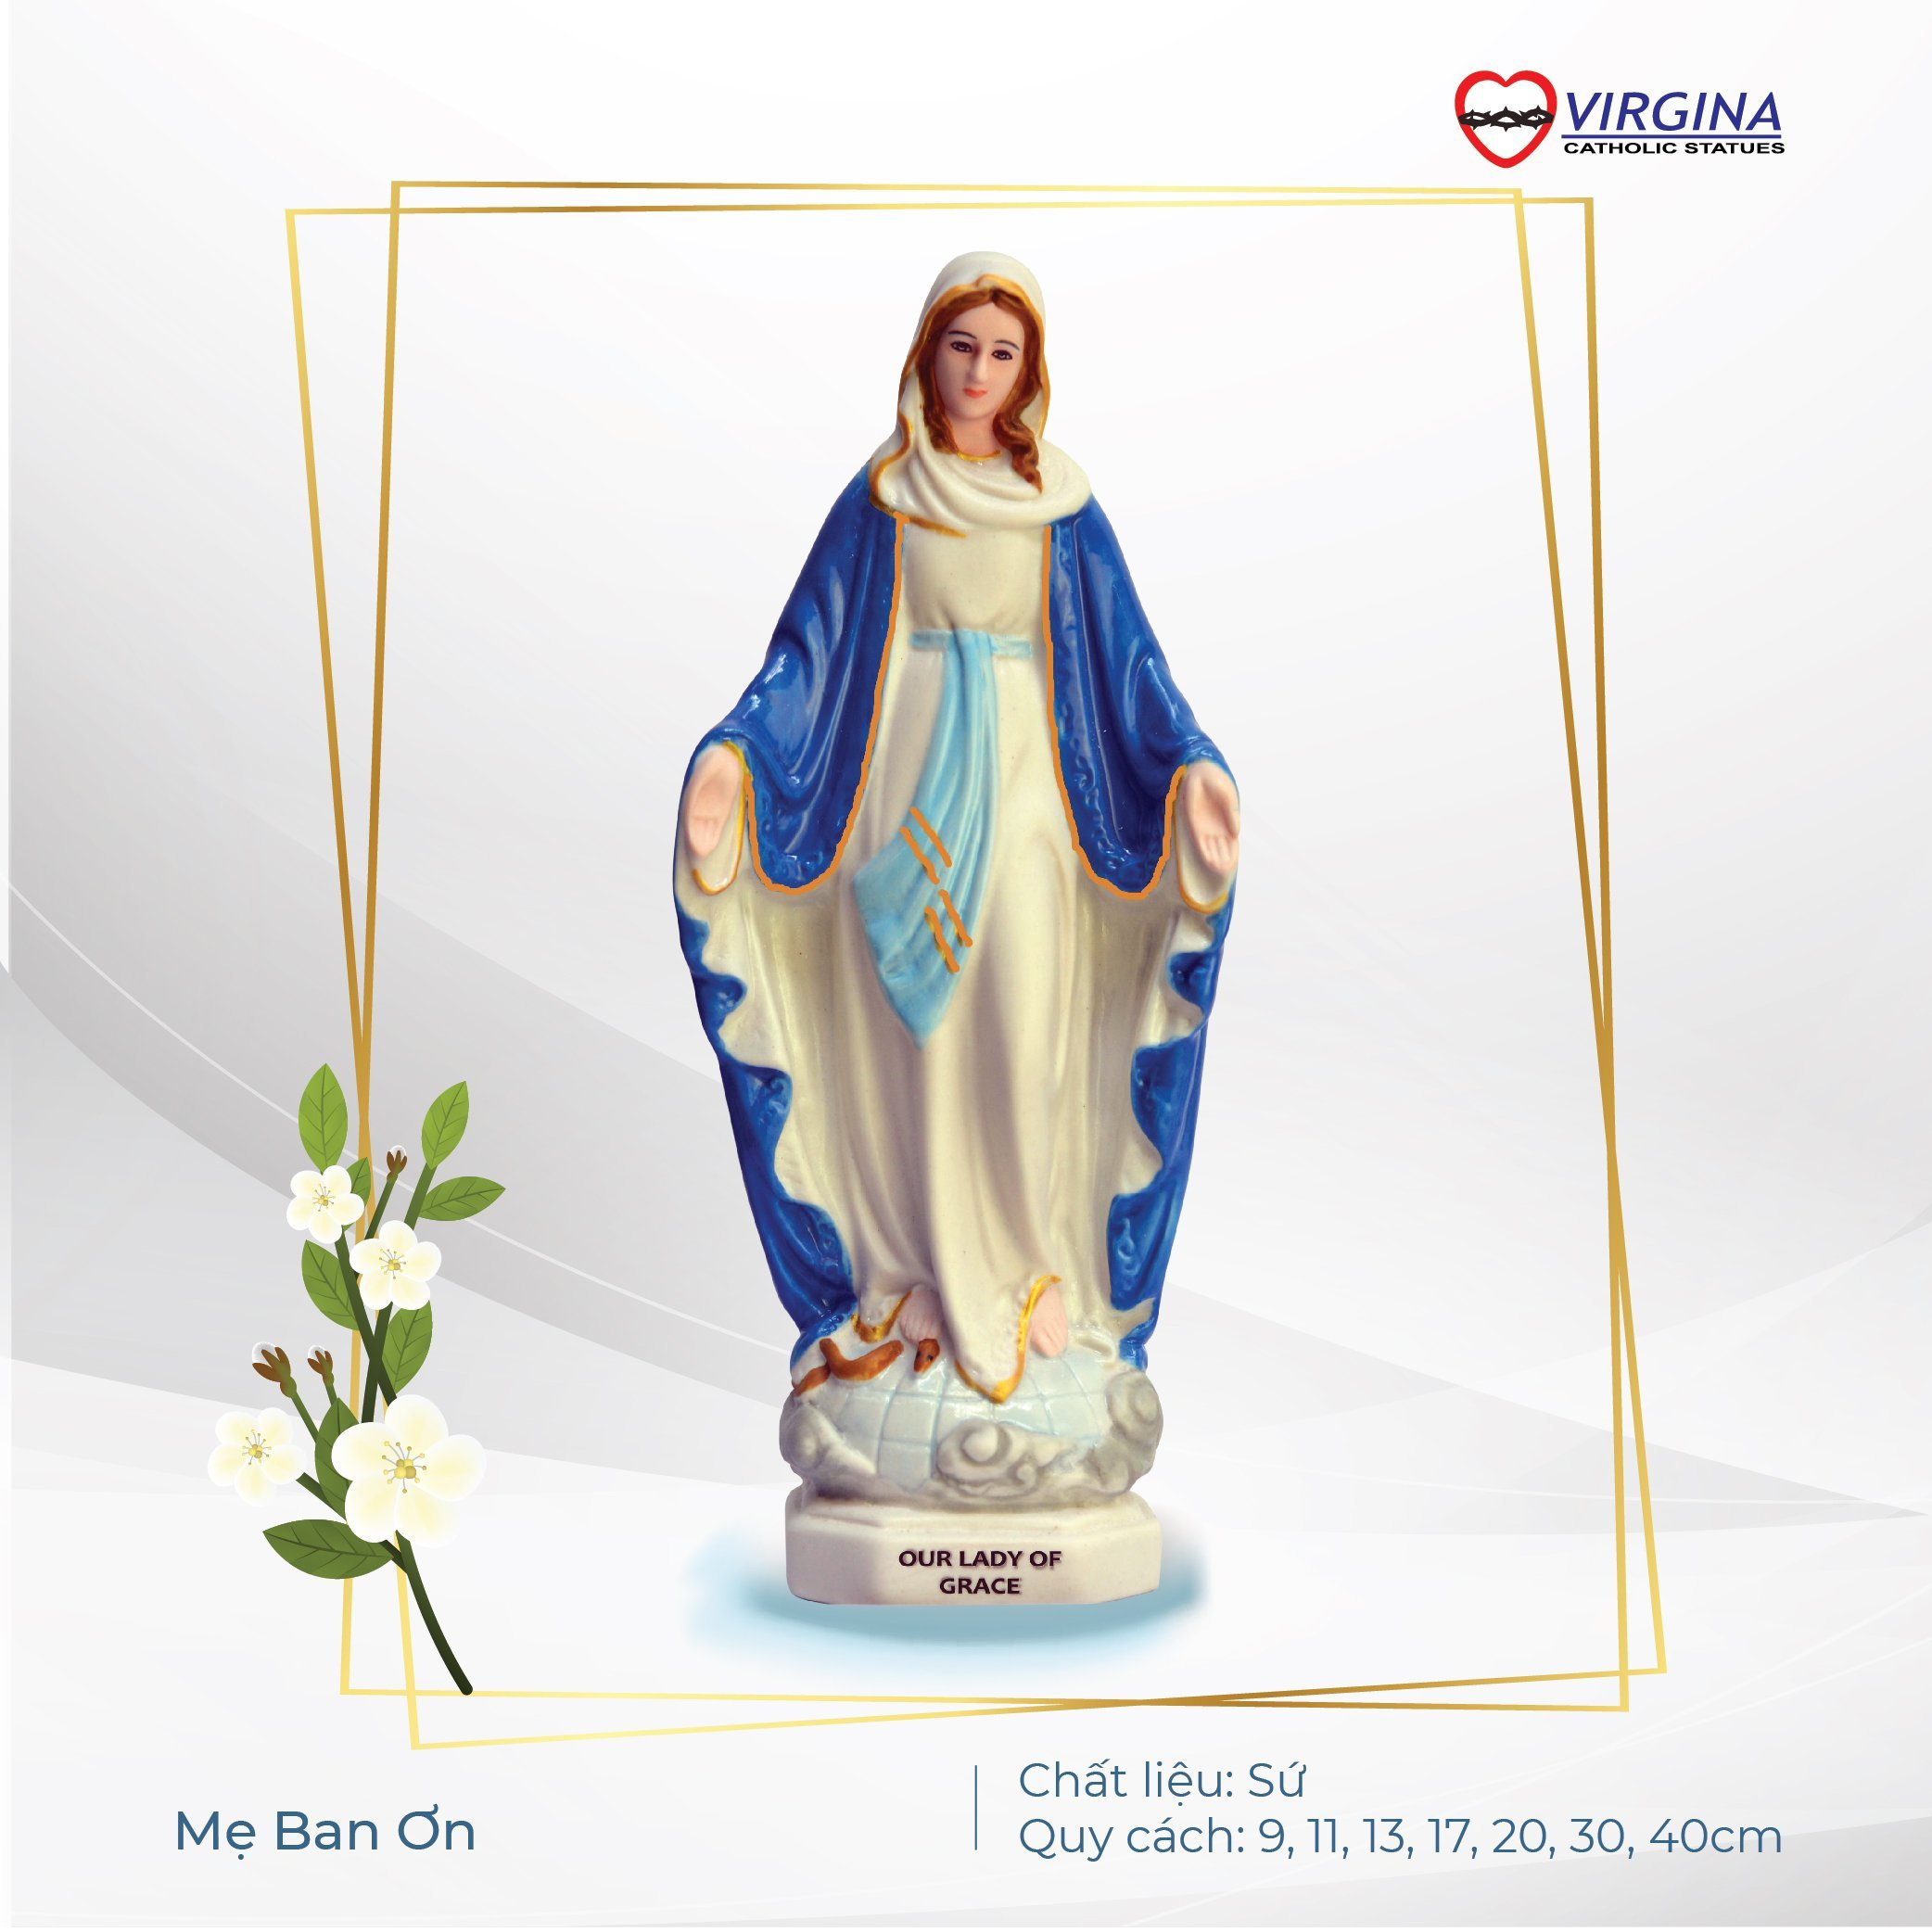 Tượng Sứ - Đức Mẹ Ban Ơn 13cm